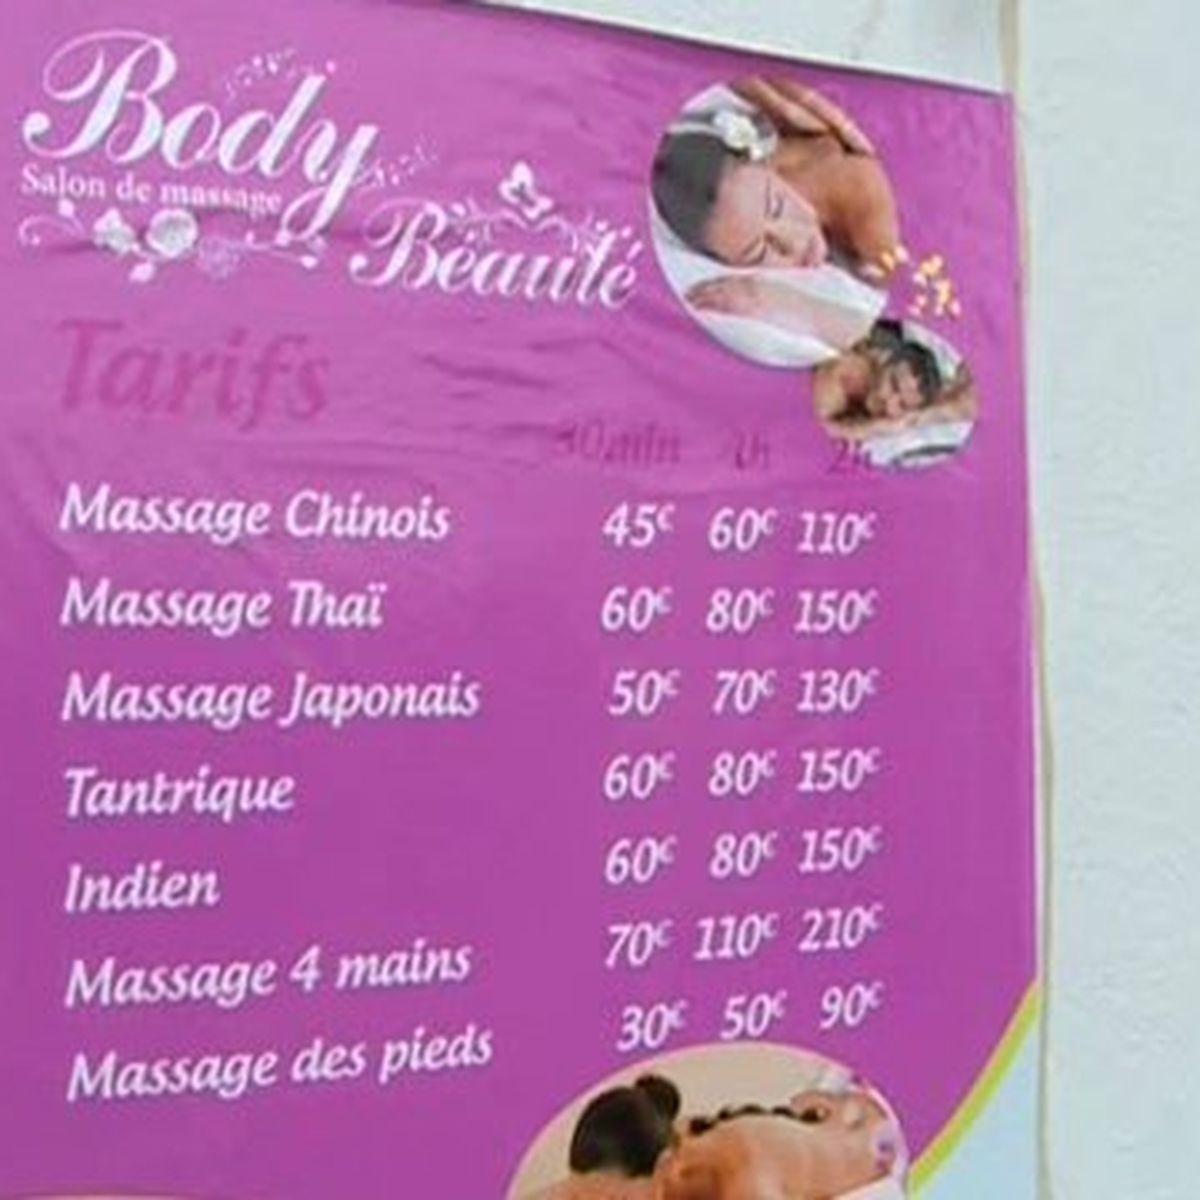 Salon De Massage Paris Finition